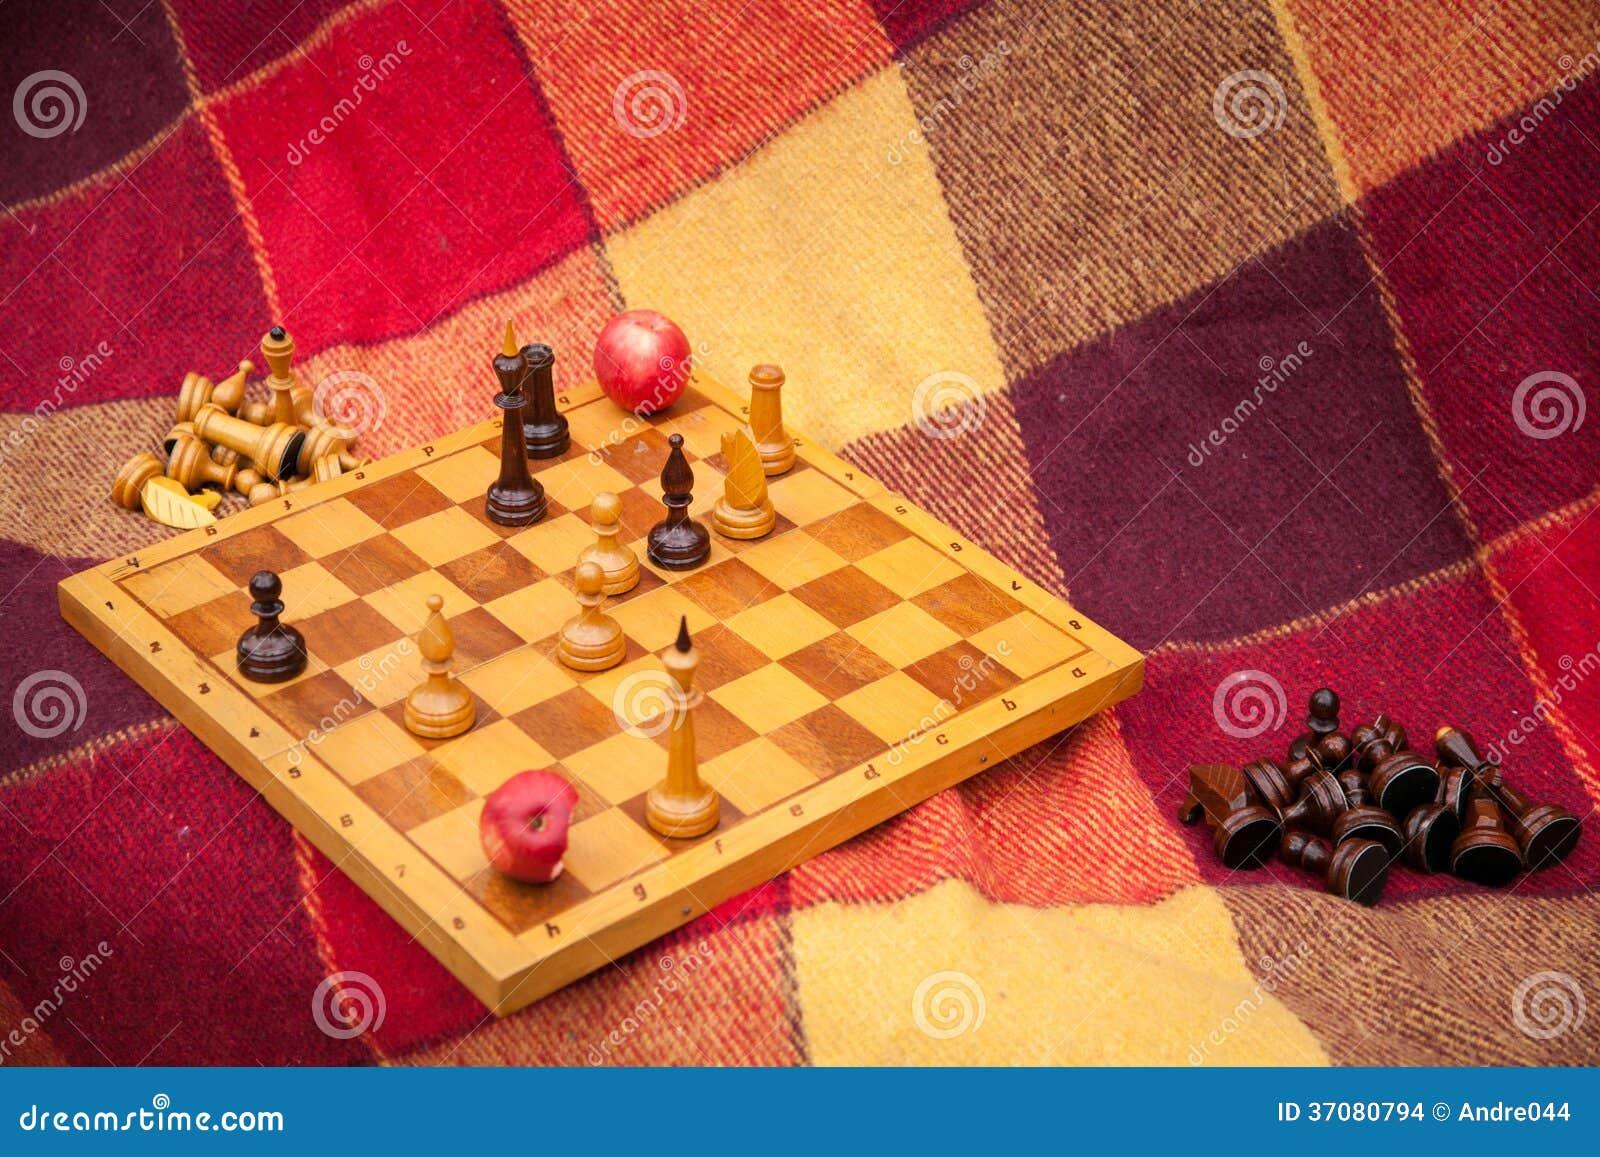 Download Szachowi Kawałki. Sztuka Szachy W Parku W Dwa. Zdjęcie Stock - Obraz złożonej z edukacja, szachy: 37080794